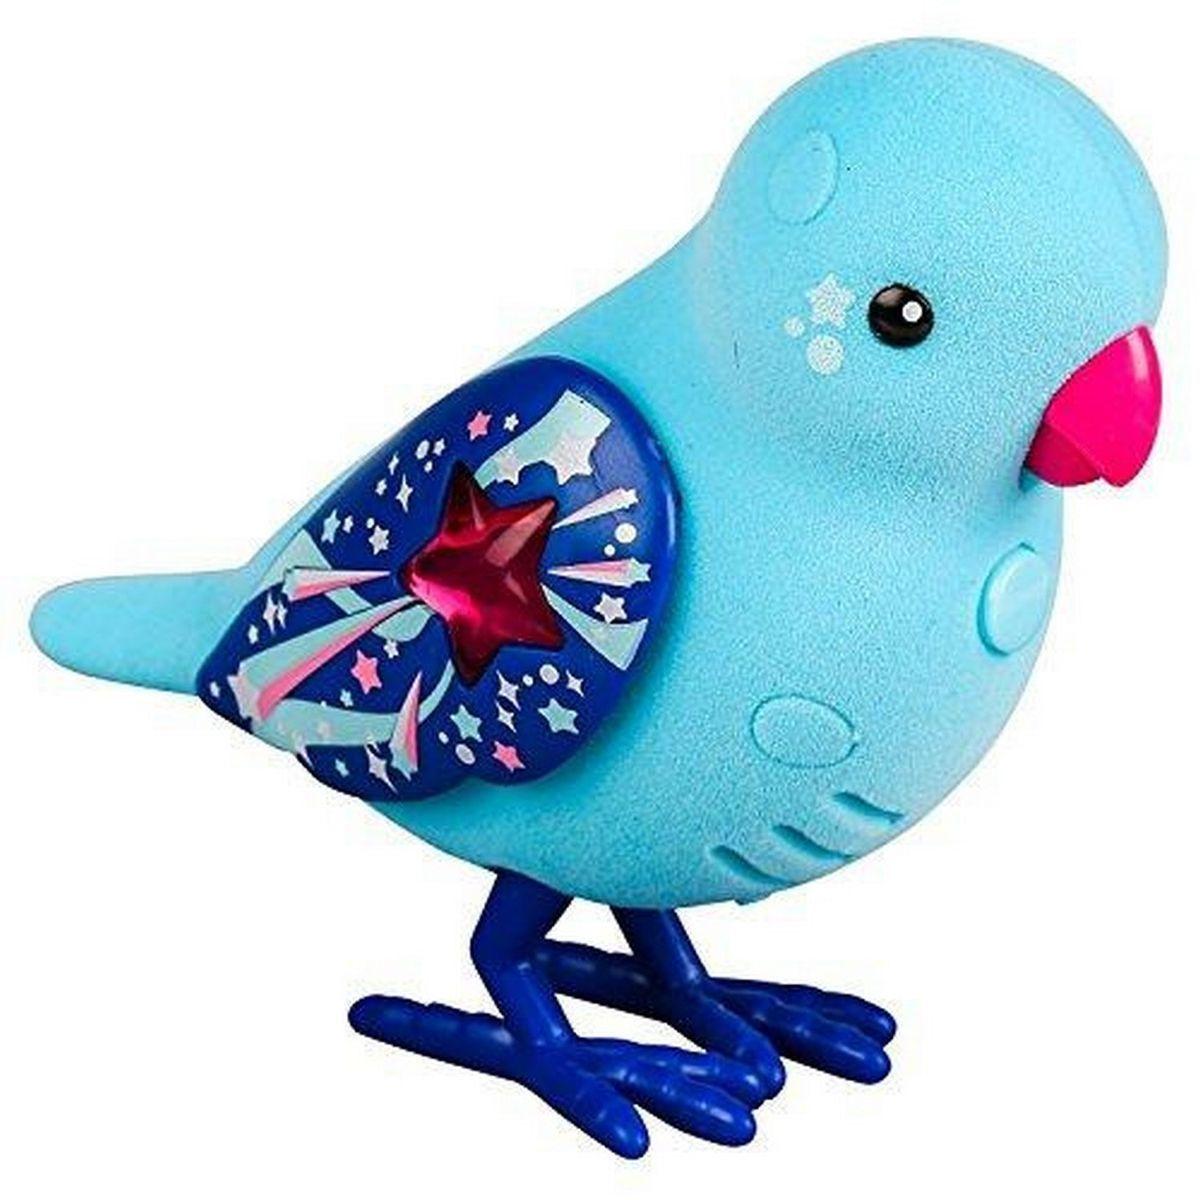 Little Live Pets Интерактивная игрушка Птичка цвет голубой красный 28239/ast28232(28234,28235,28236,28237,28238,28239)